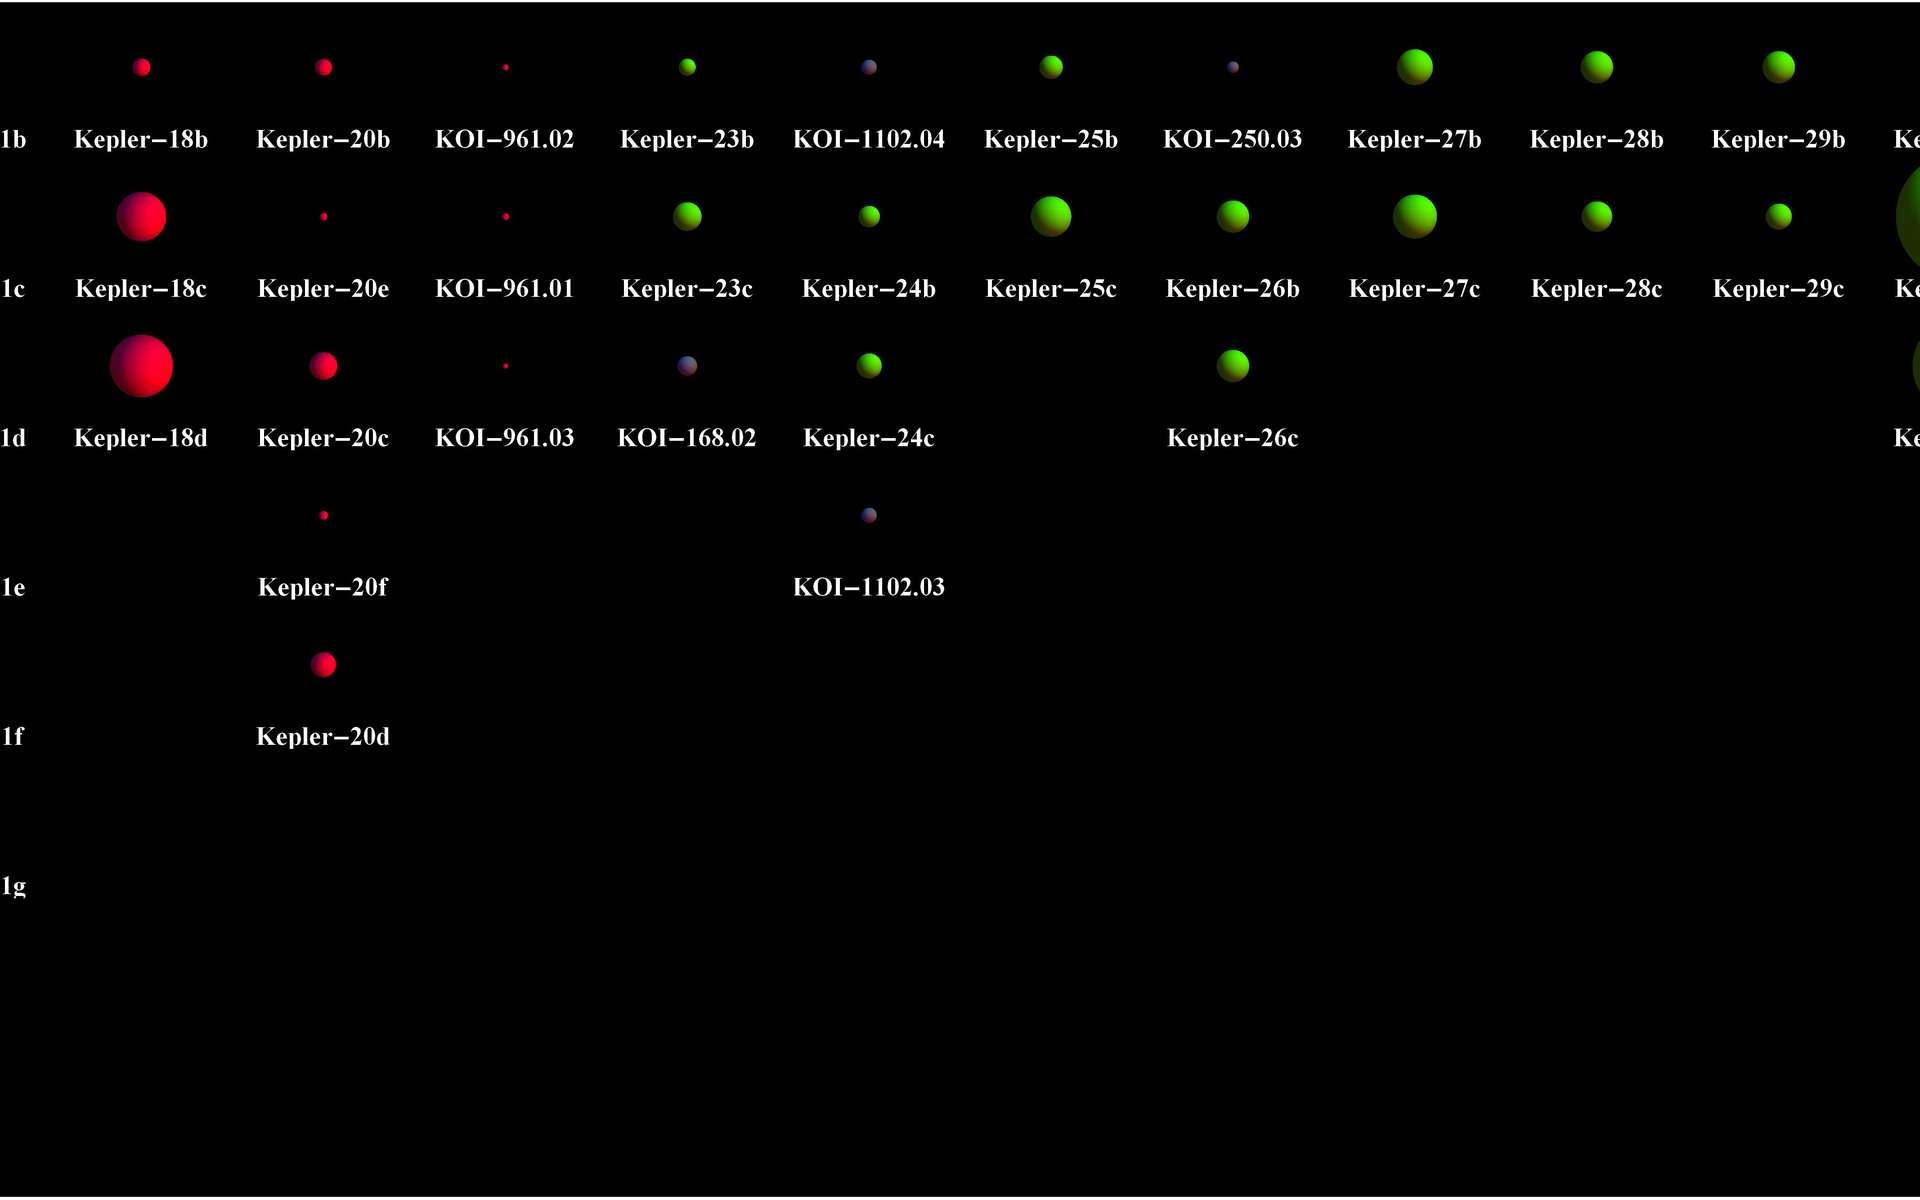 Un tableau comparatif des systèmes planétaires découverts récemment par Kepler. Le Système solaire est présenté à gauche avec Sol b, Sol c et Sol d, c'est-à-dire Mercure, Vénus et la Terre etc. © Nasa Ames/Jason Steffen, Fermilab Center for Particle Astrophysics